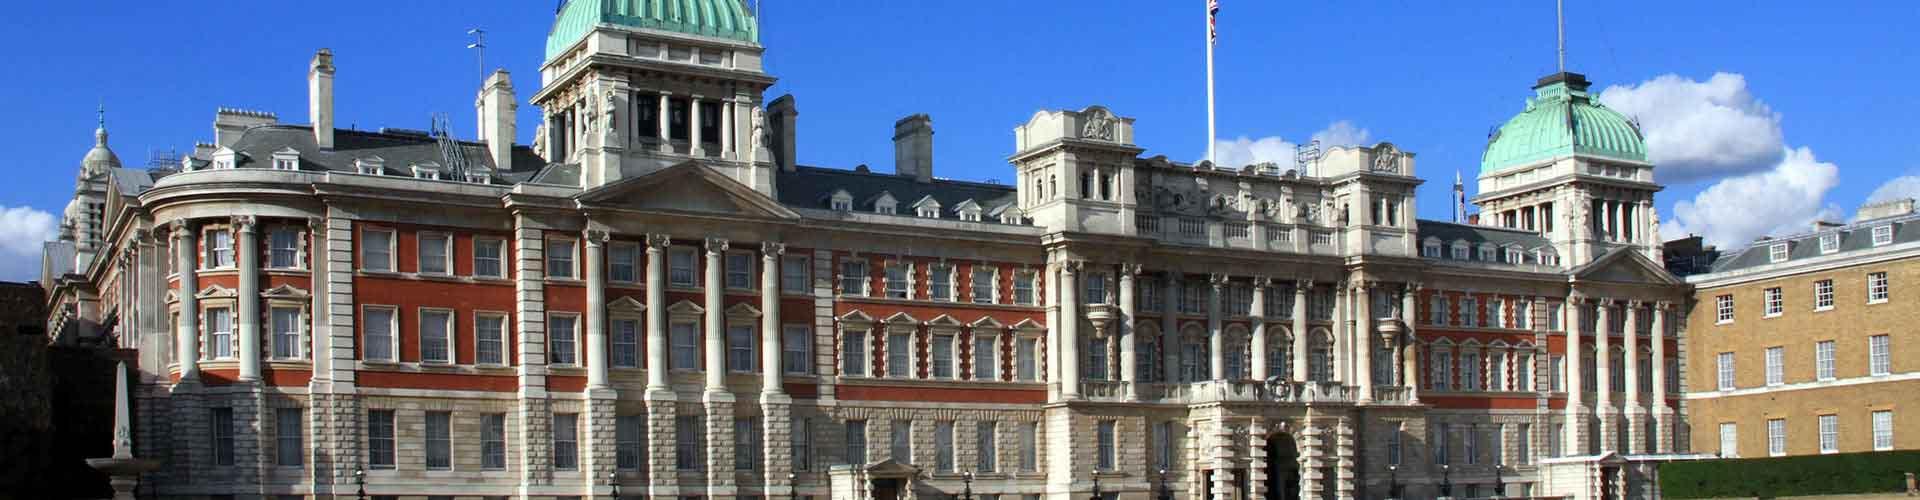 伦敦 – Regent's Park 附近的青年旅舍。伦敦地图,伦敦 所有青年旅馆的照片和评分。